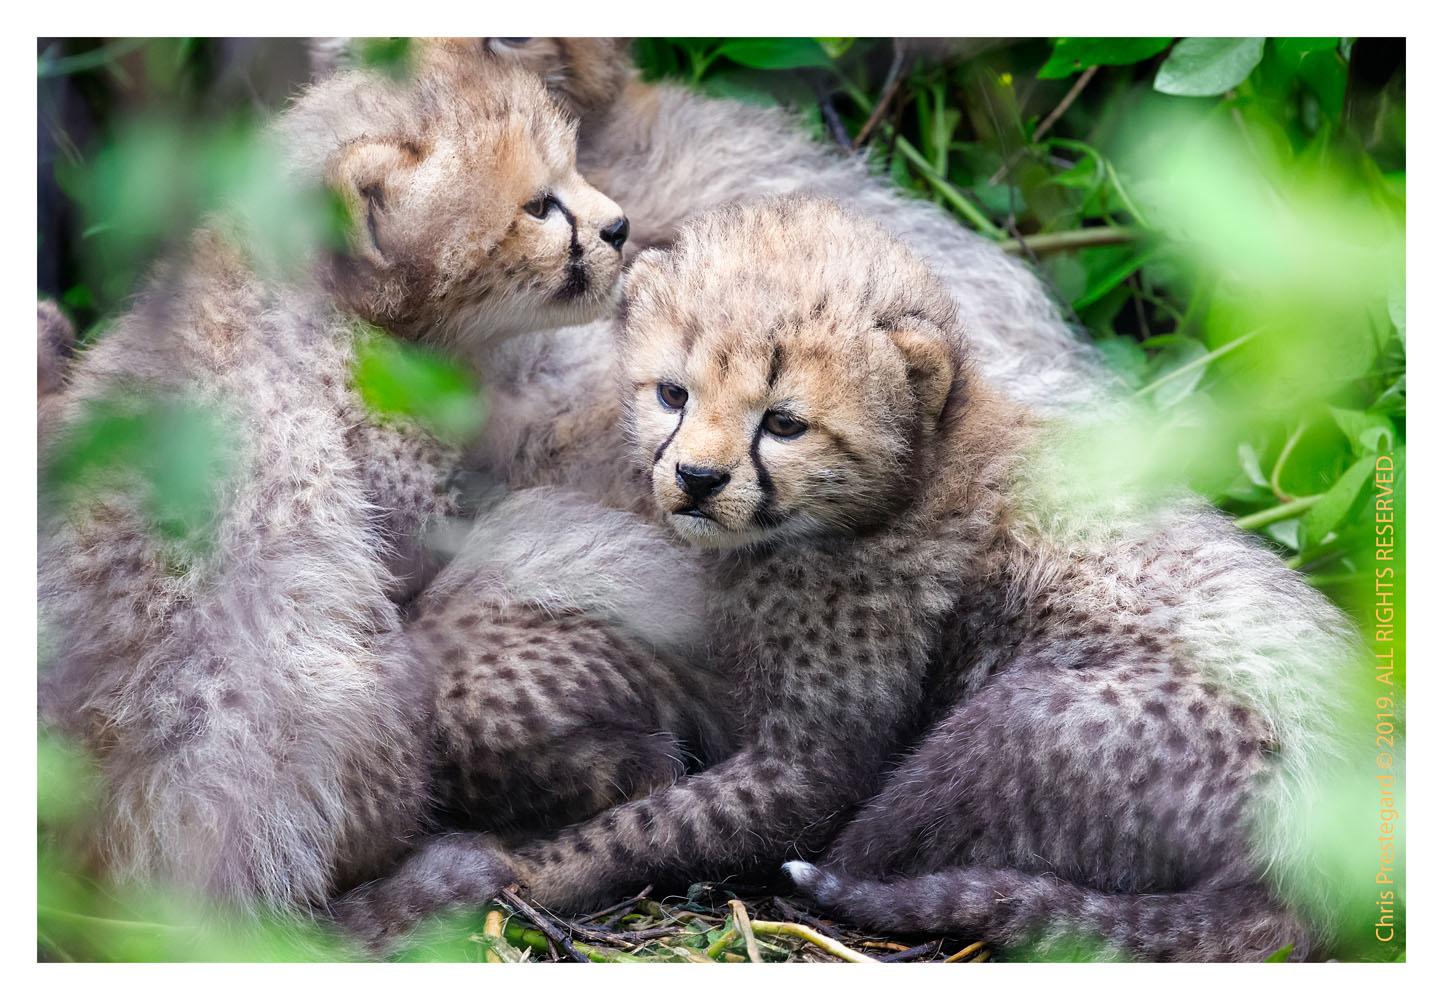 Cheetah cubs at Ndutu, Tanzania Feb. 2019